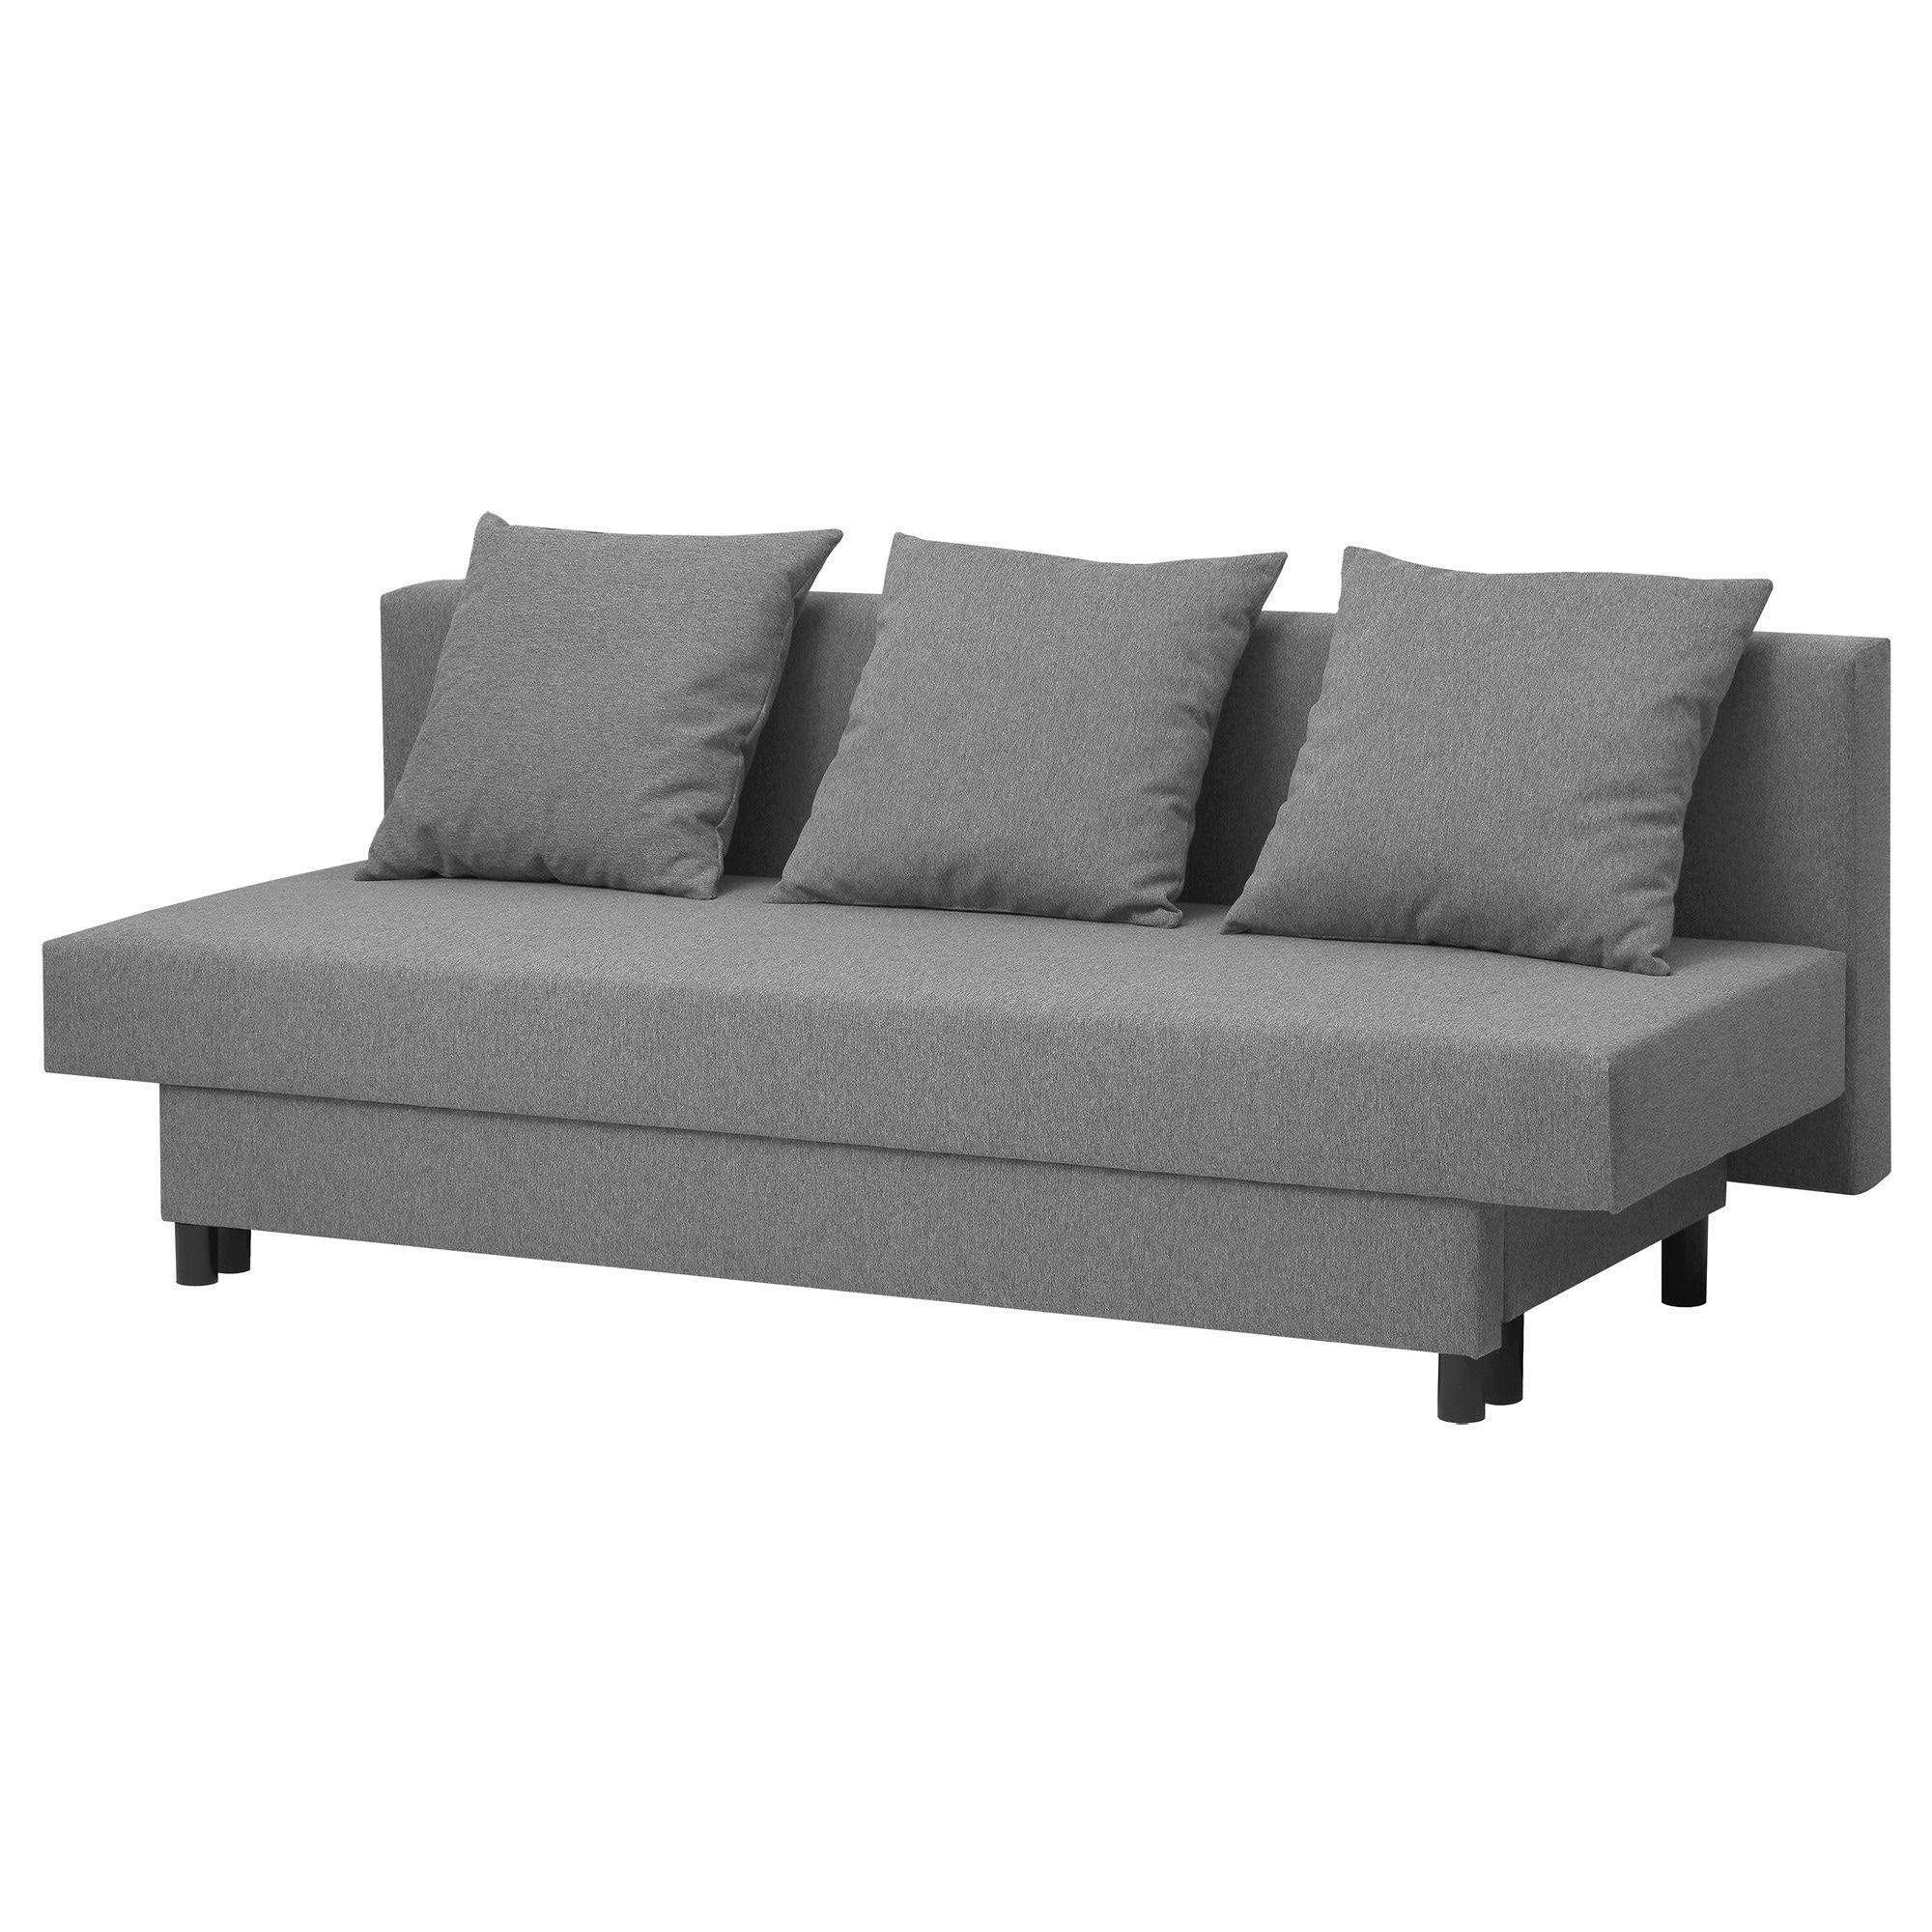 Asarum Sof Cama De 3 Lugares  Ikea